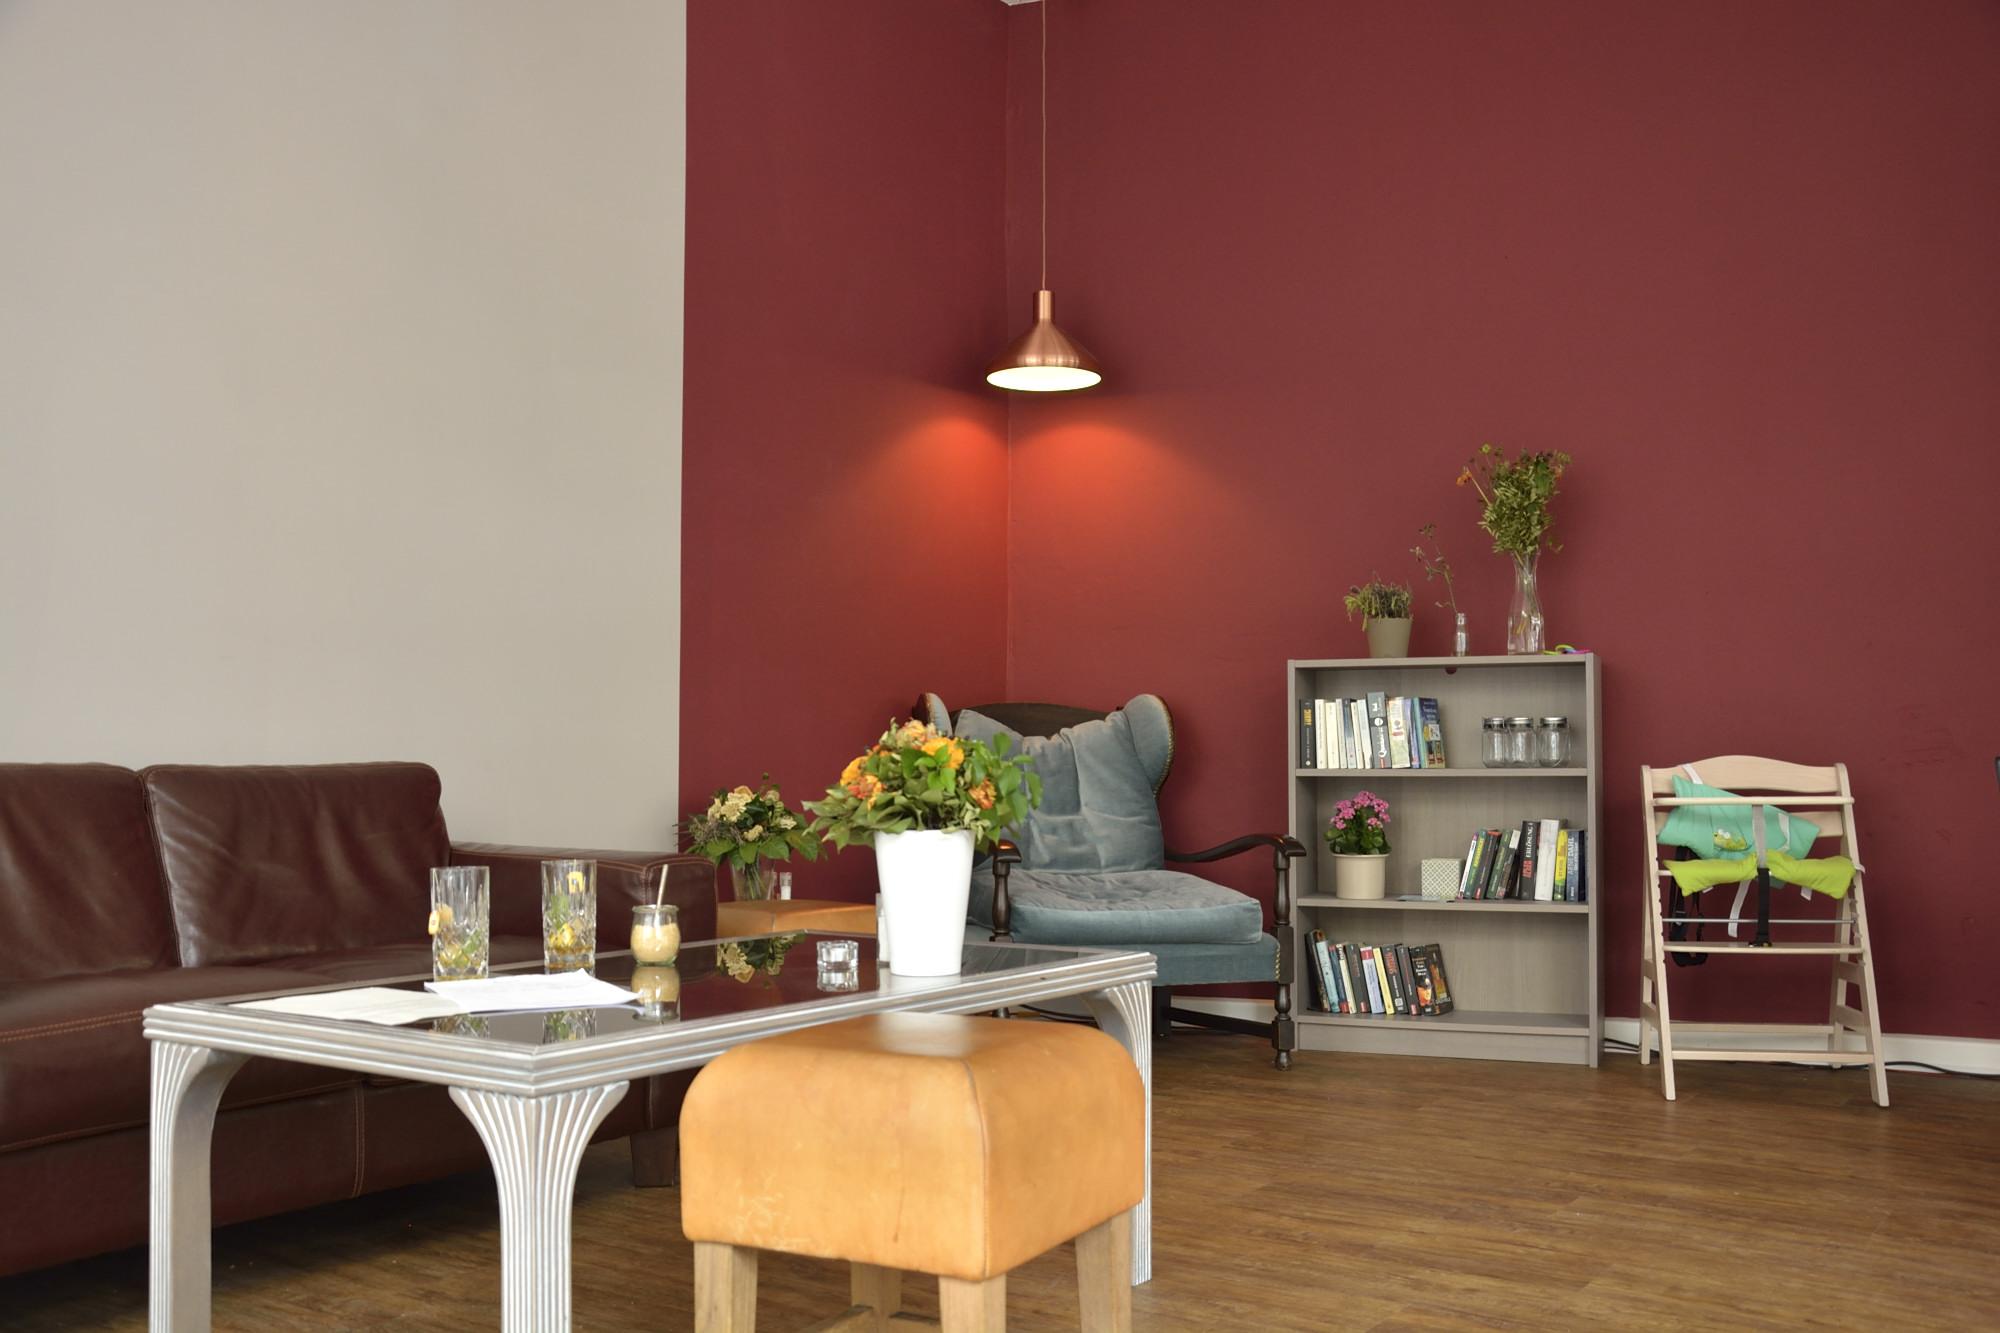 Ein Neues Wohnzimmer Leben In Der Löwenstadt